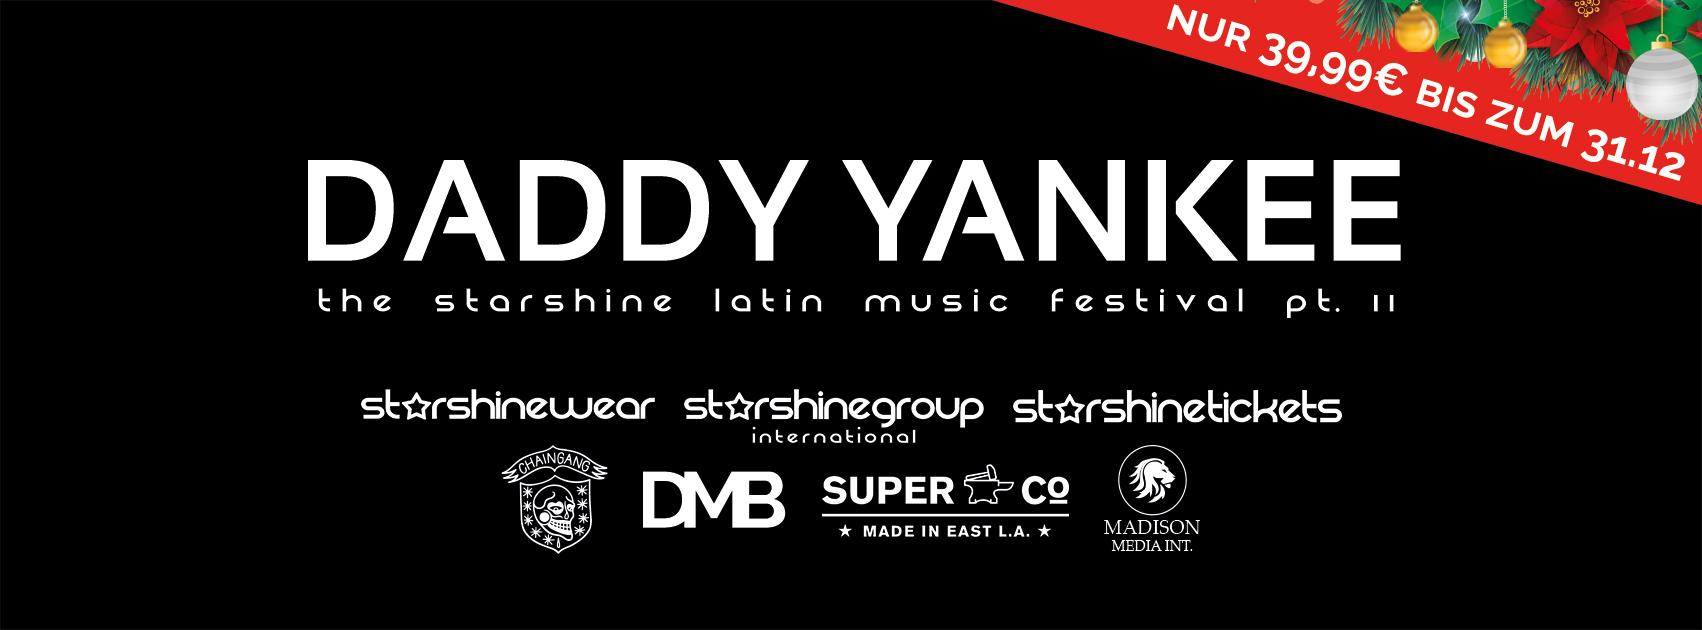 Daddy Yankee Konzerte in Köln und Ludwigsburg